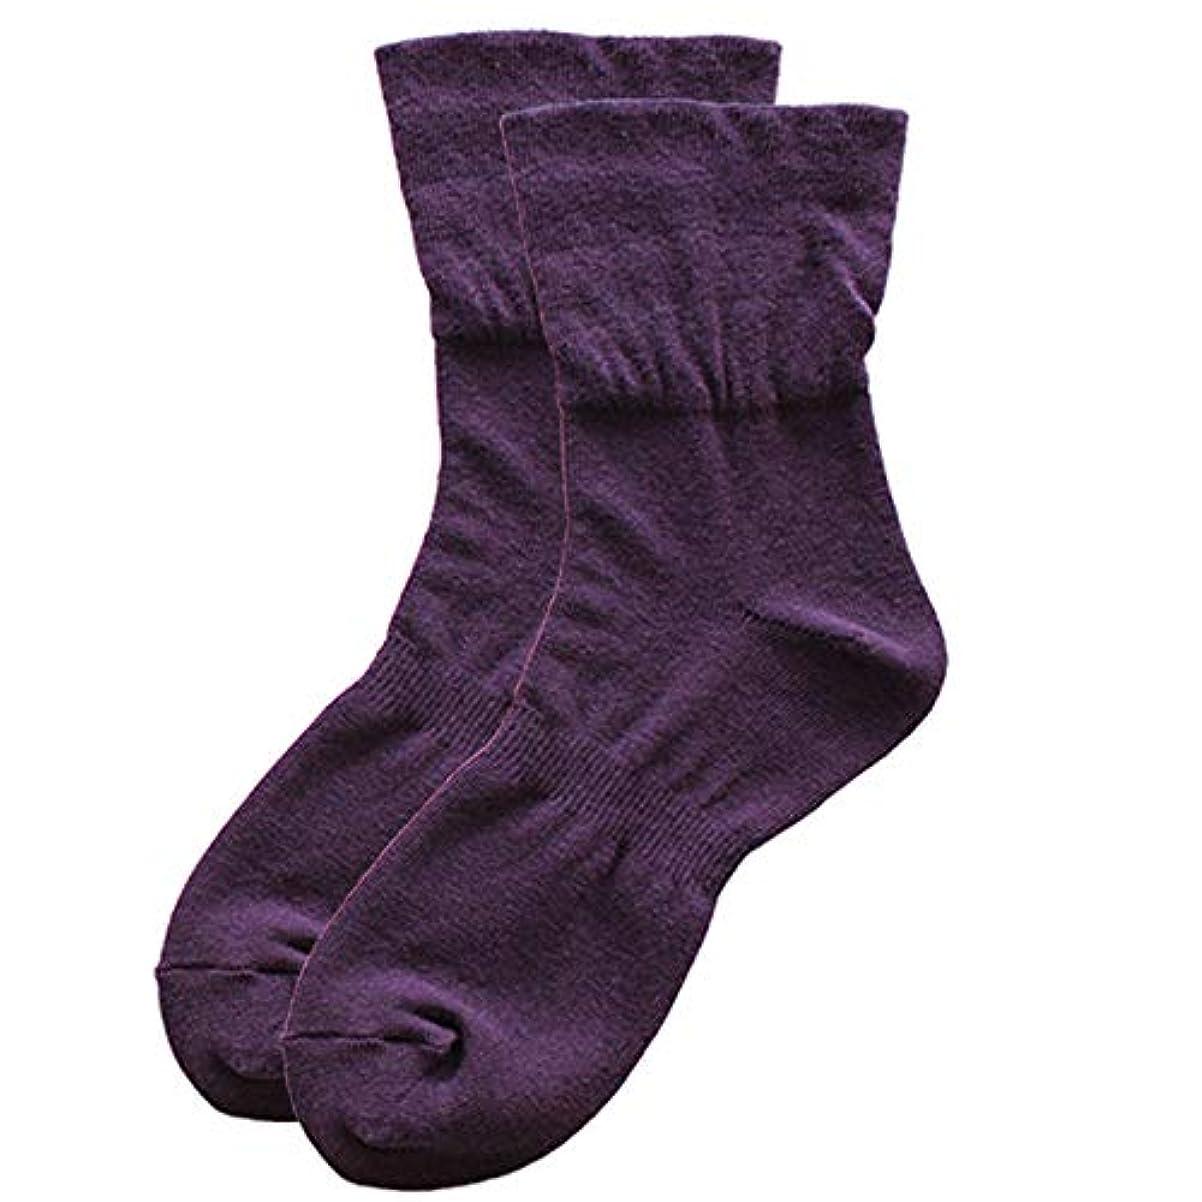 メッセンジャー墓地わずかな歩くぬか袋 締めつけない靴下 23-25cm パープル